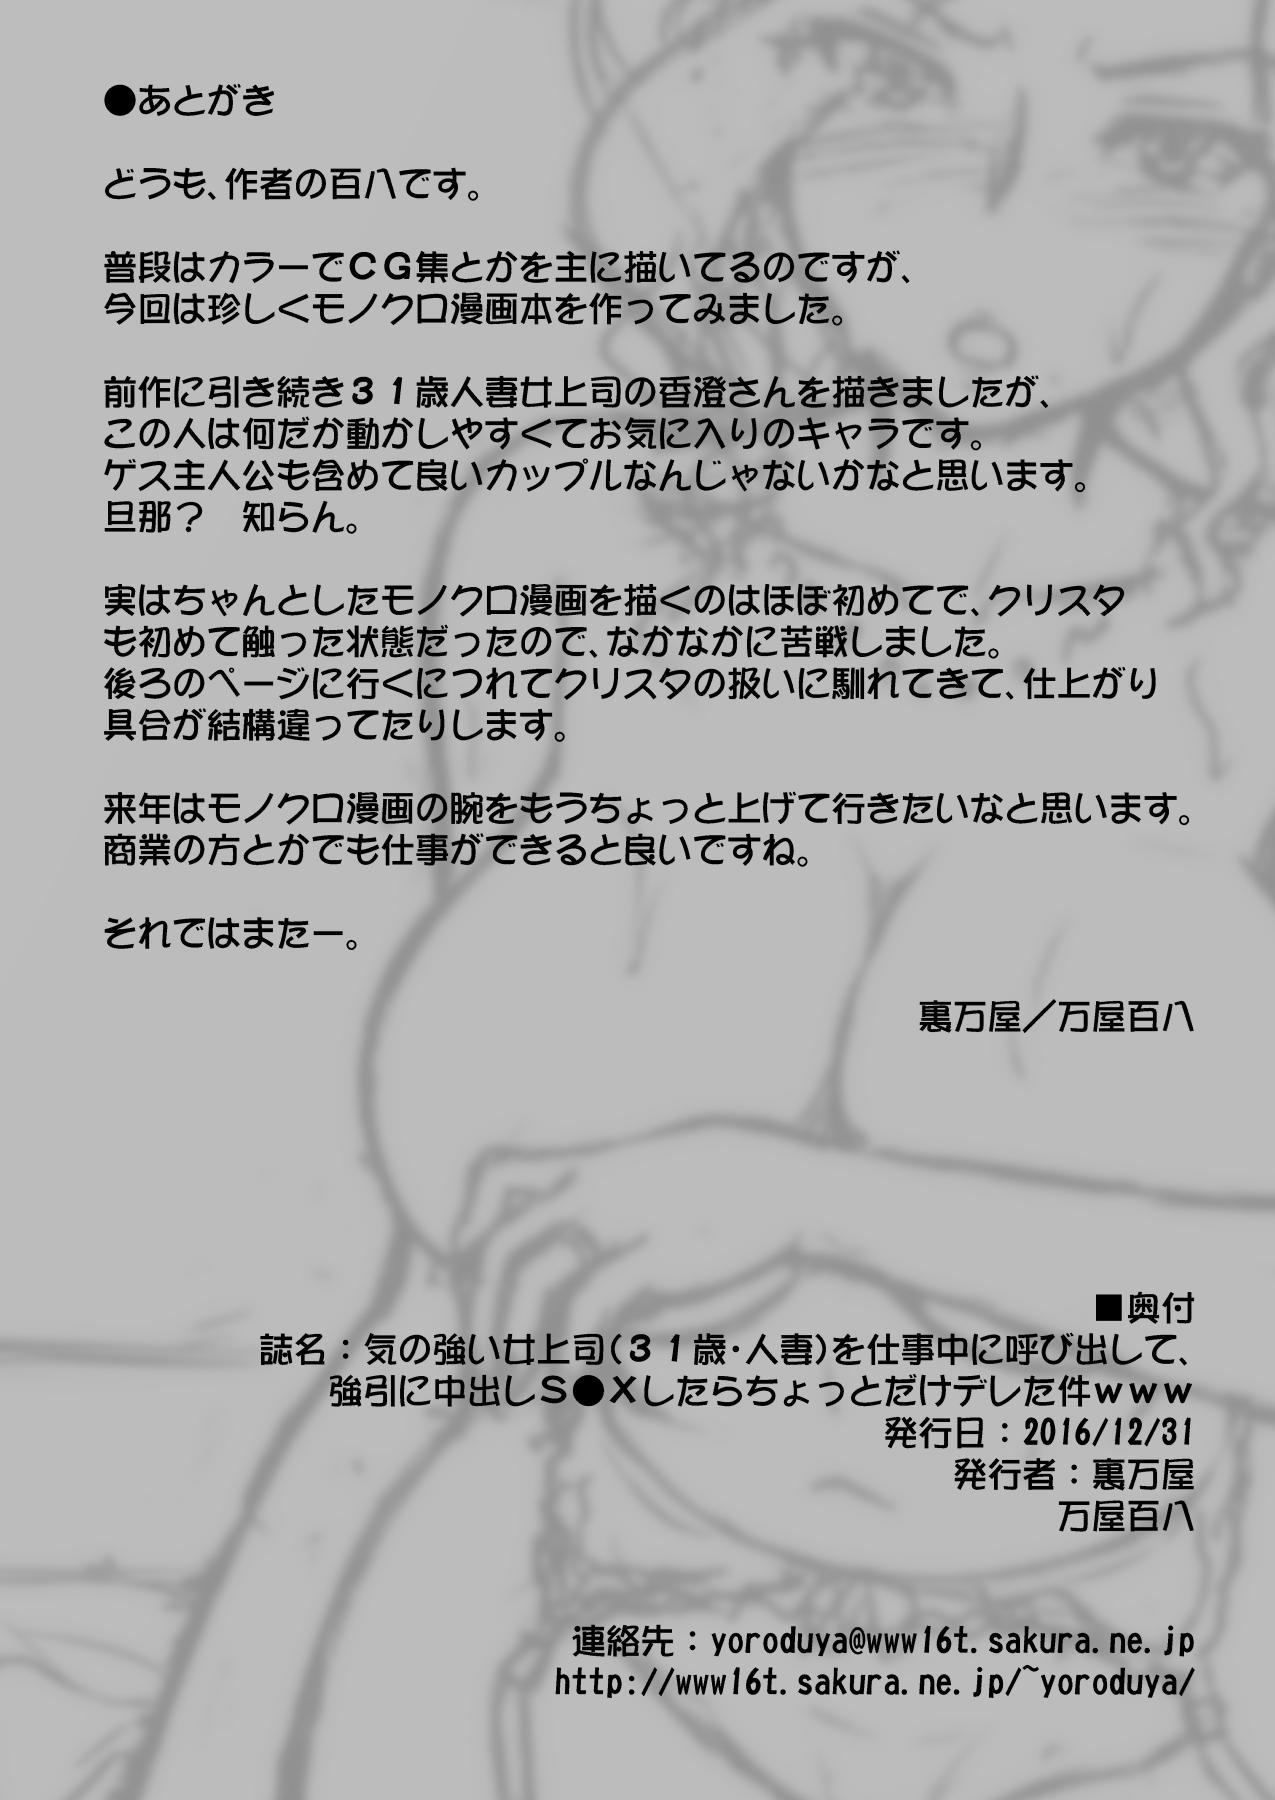 [Urayoroduya (Yoroduya Hyakuhachi)] Ki no Tsuyoi Onna Joushi (31-sai Hitozuma) Matome 45